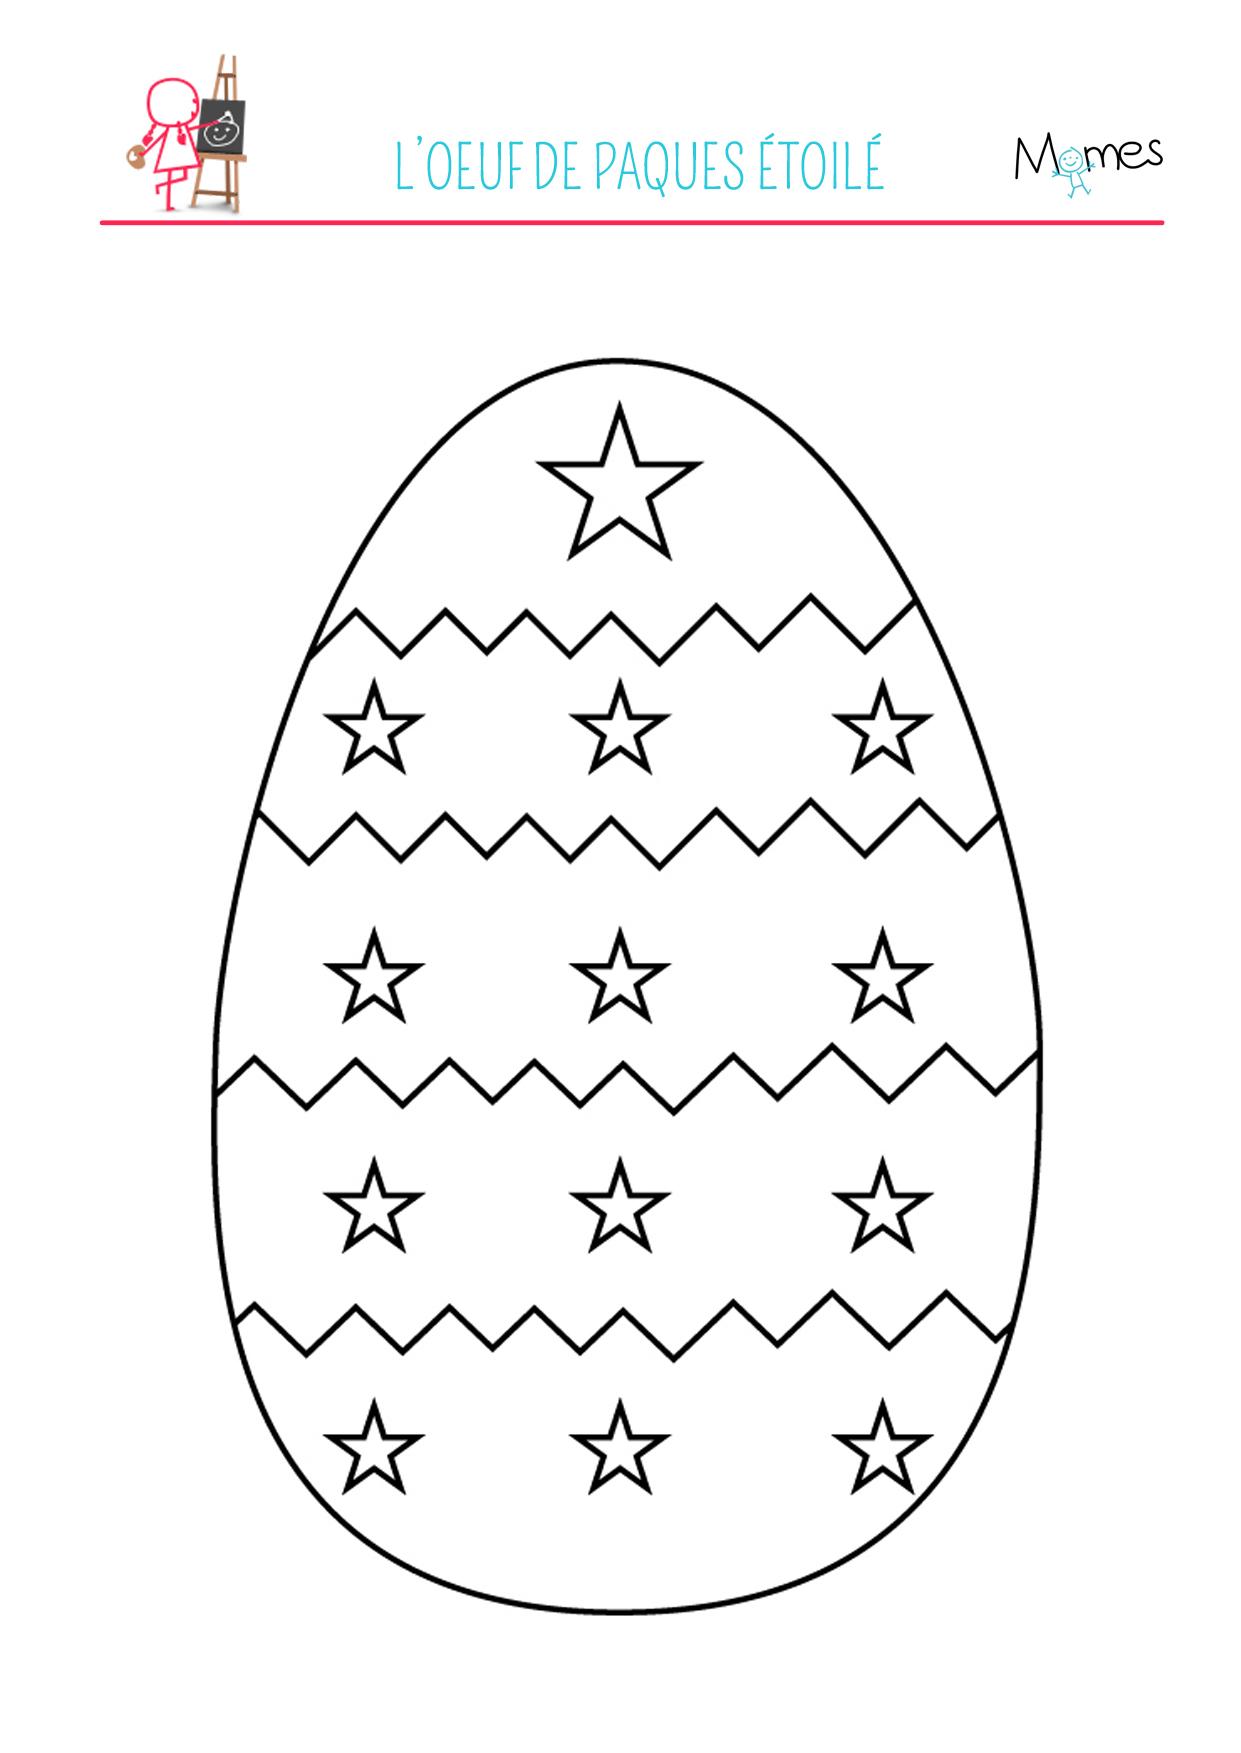 Coloriage Etoile De Pouvoir.Coloriage De L œuf De Paques Etoile Momes Net